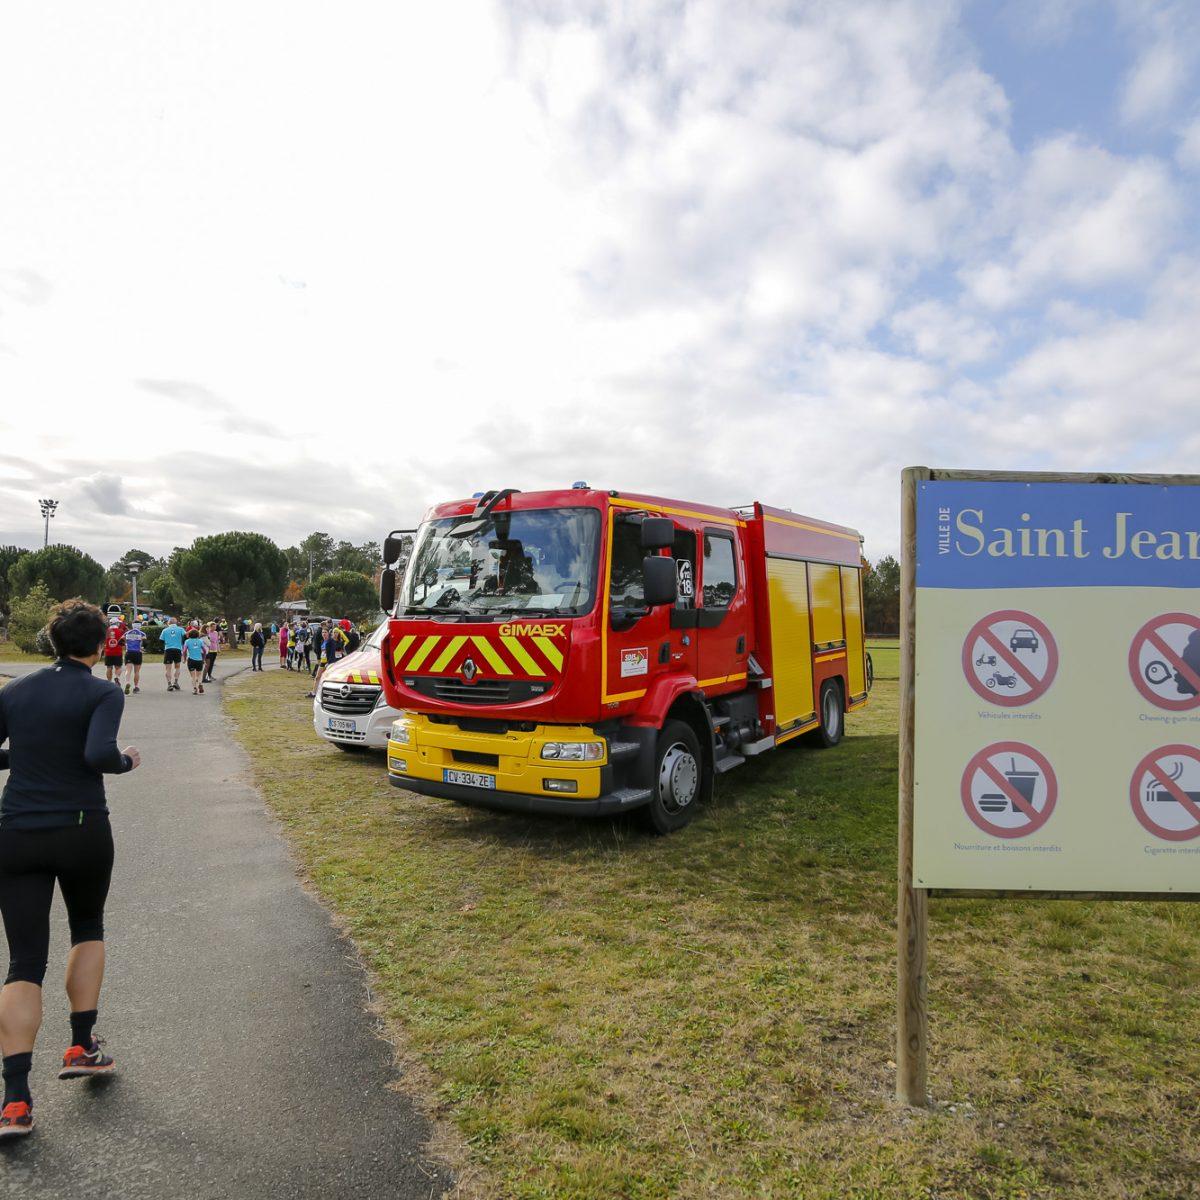 village-trail-en-jalle-telethon-2017-saint-jean-d-illac-course-a-pieds-gironde-5